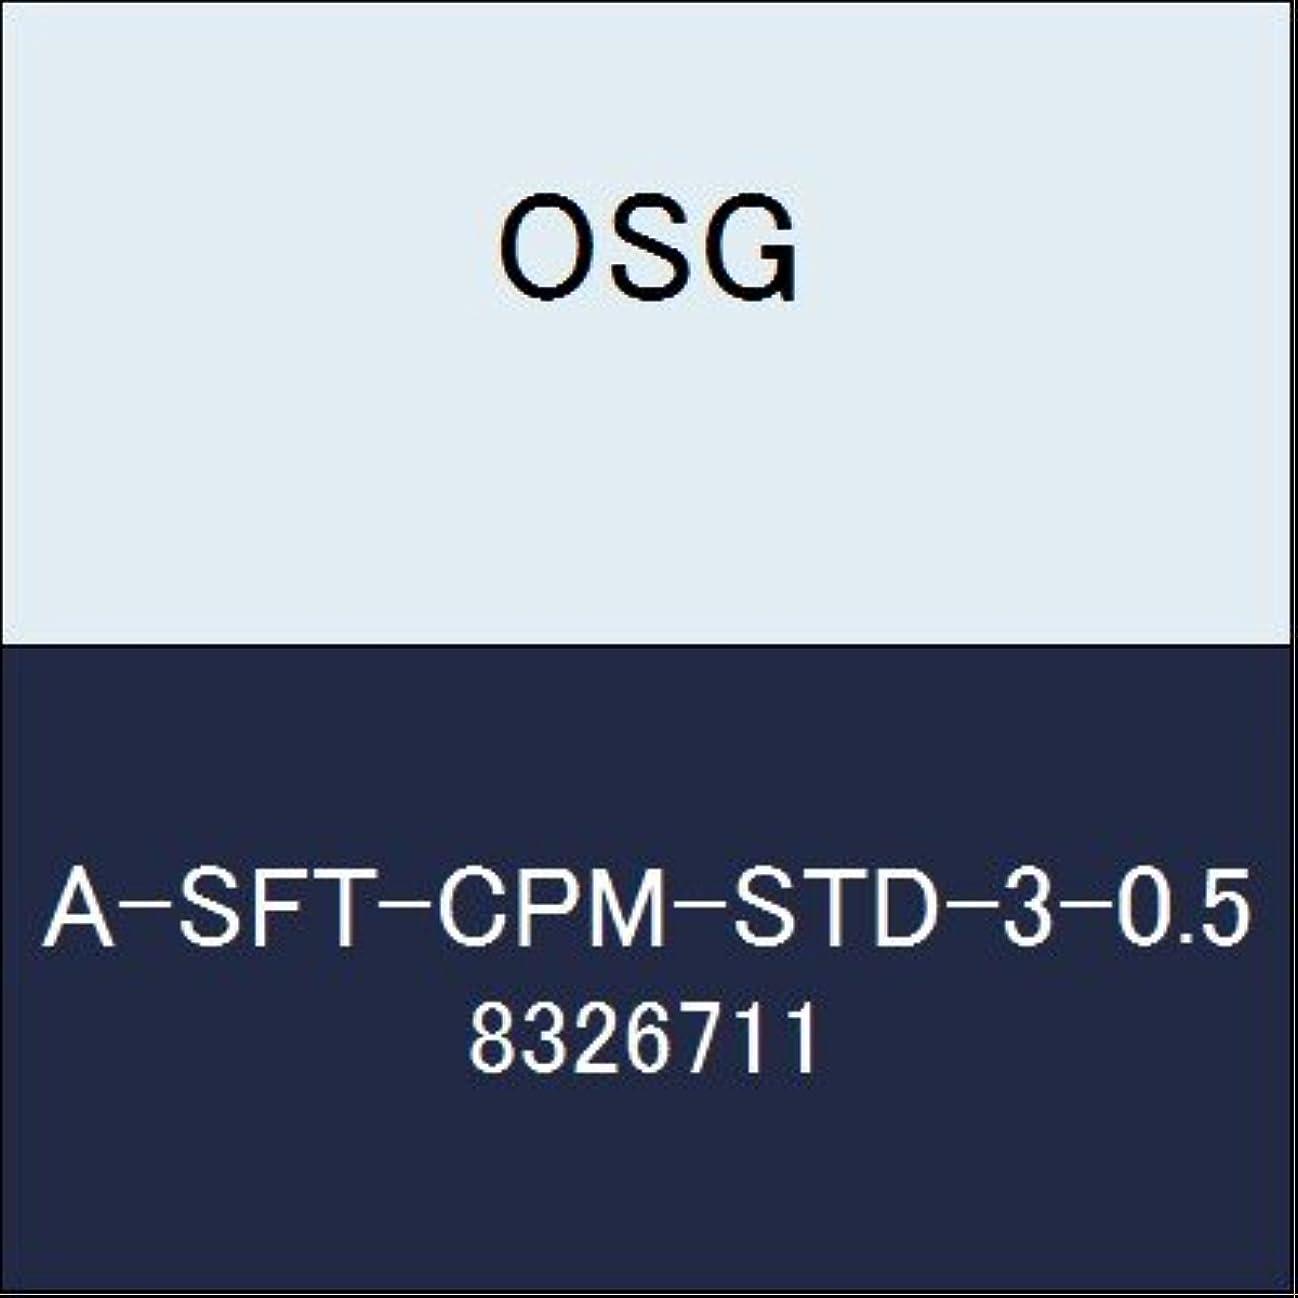 砂漠歯科医平野OSG ハイススパイラルタップ A-SFT-CPM-STD-3-0.5 商品番号 8326711